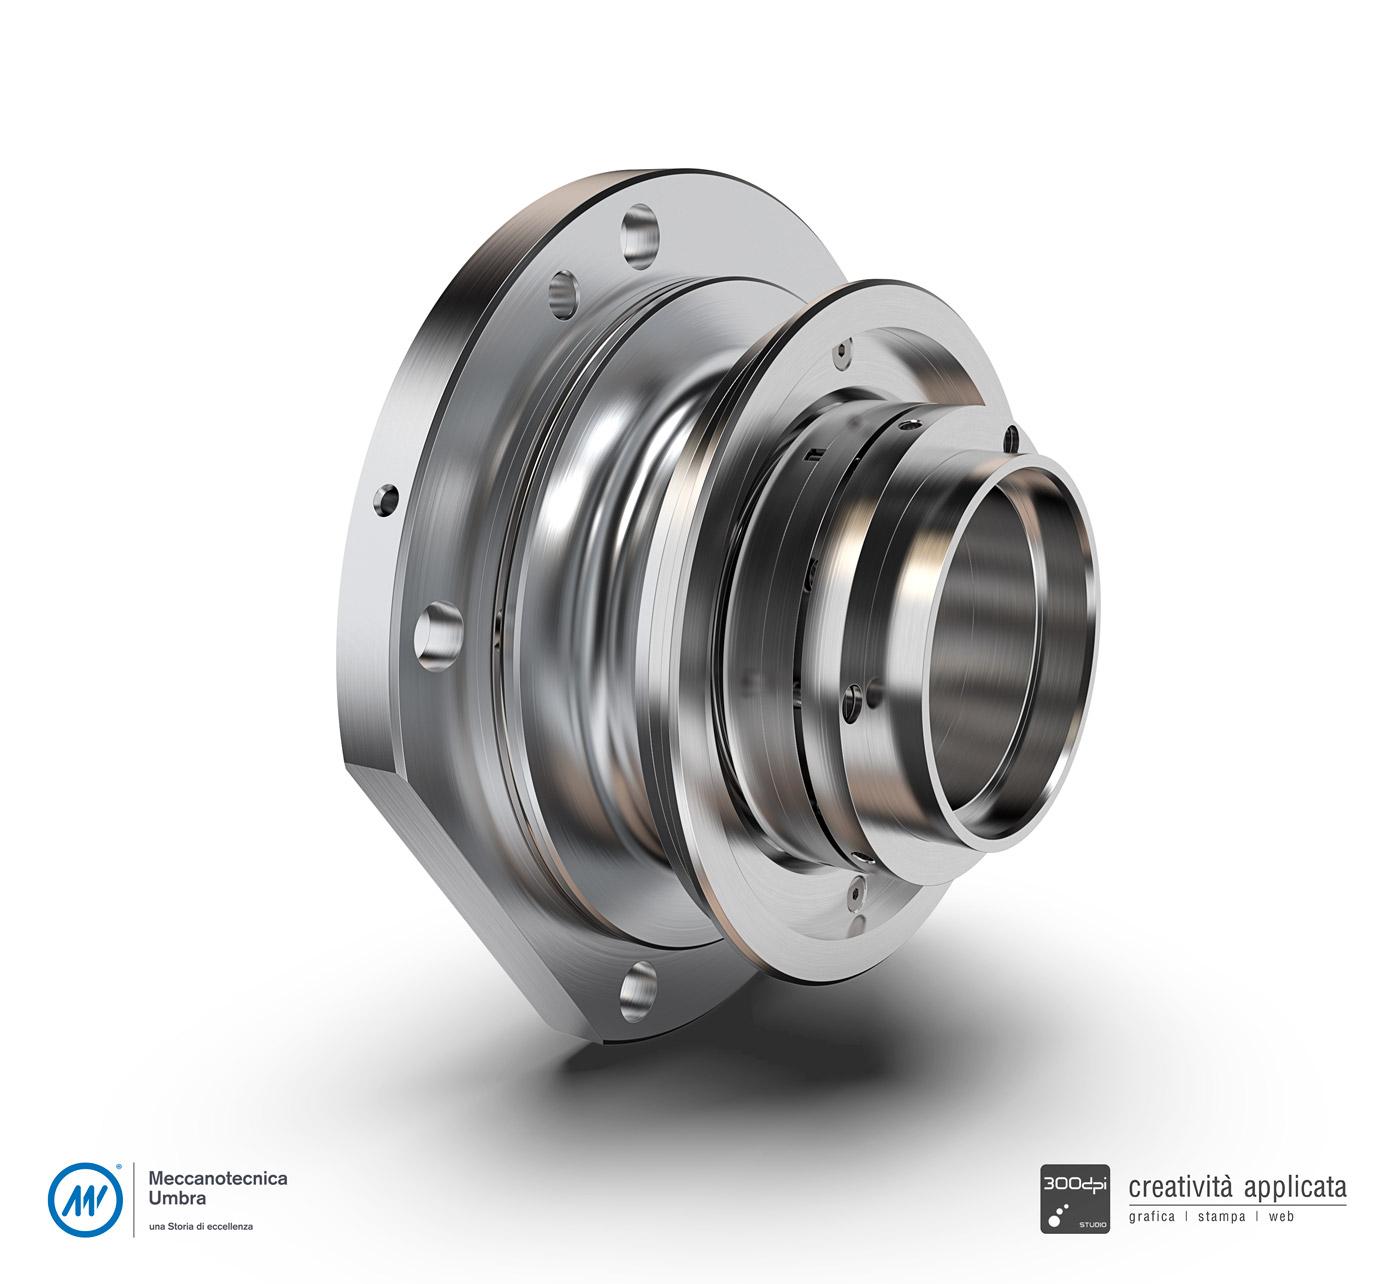 Pezzo meccanico: rendering 3D professionale - Meccanotecnica Umbra